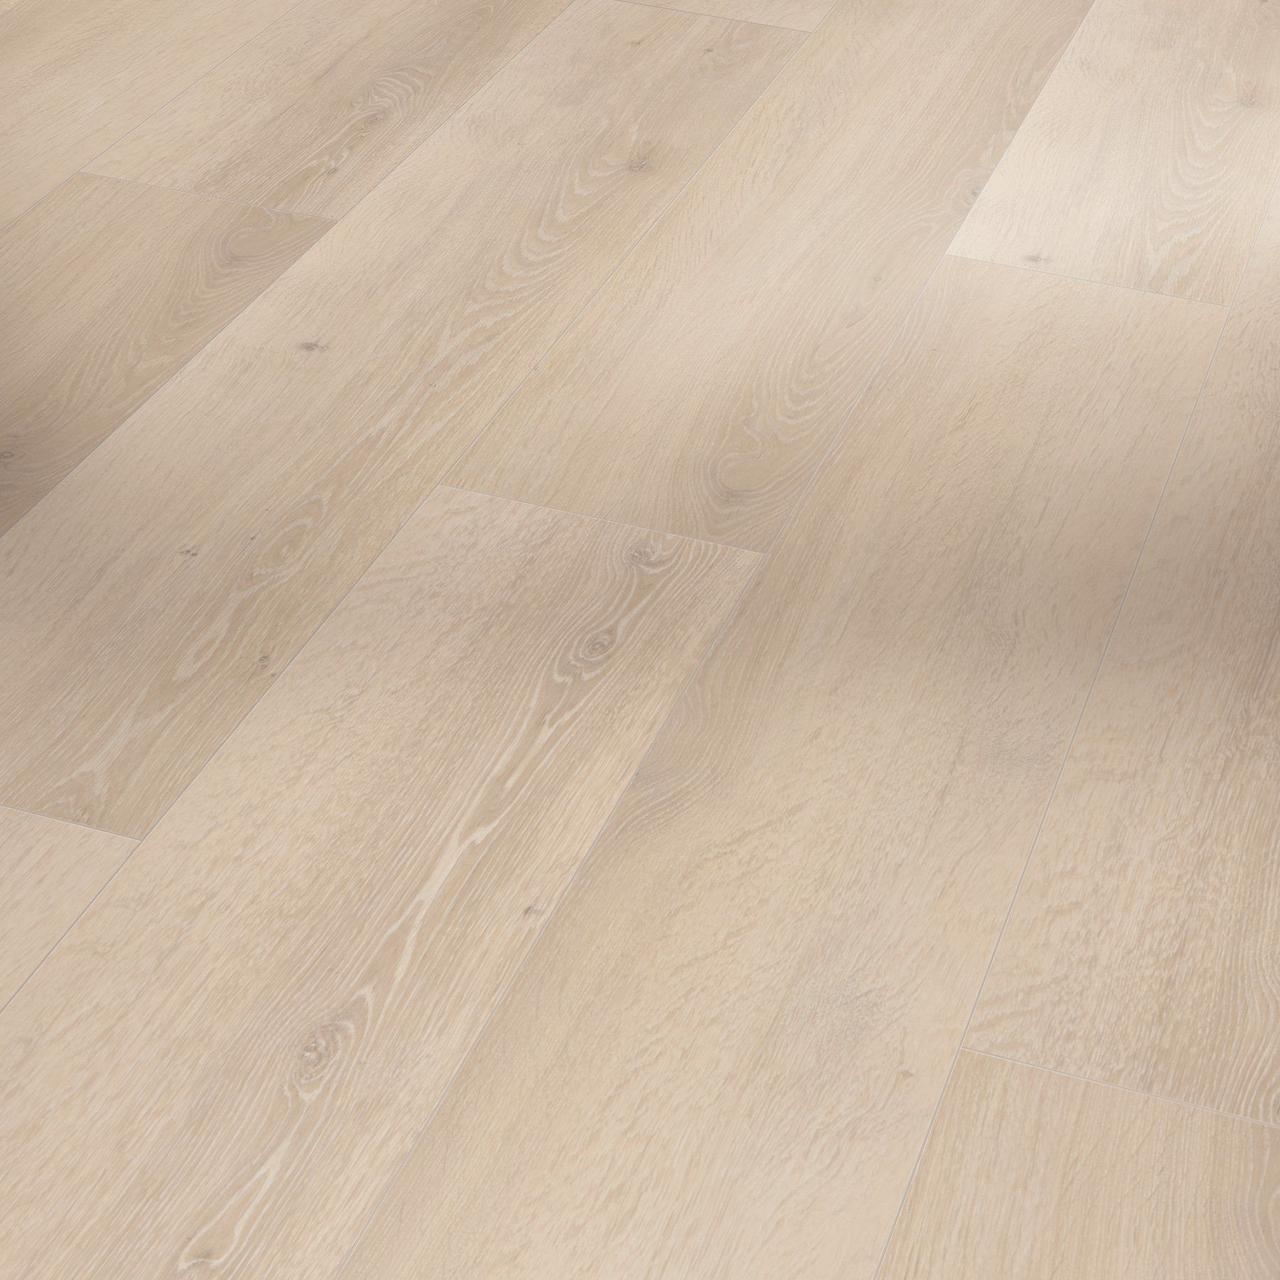 Вінілові покриття Parador Дуб Скайлайн білий (Oak Skyline white)